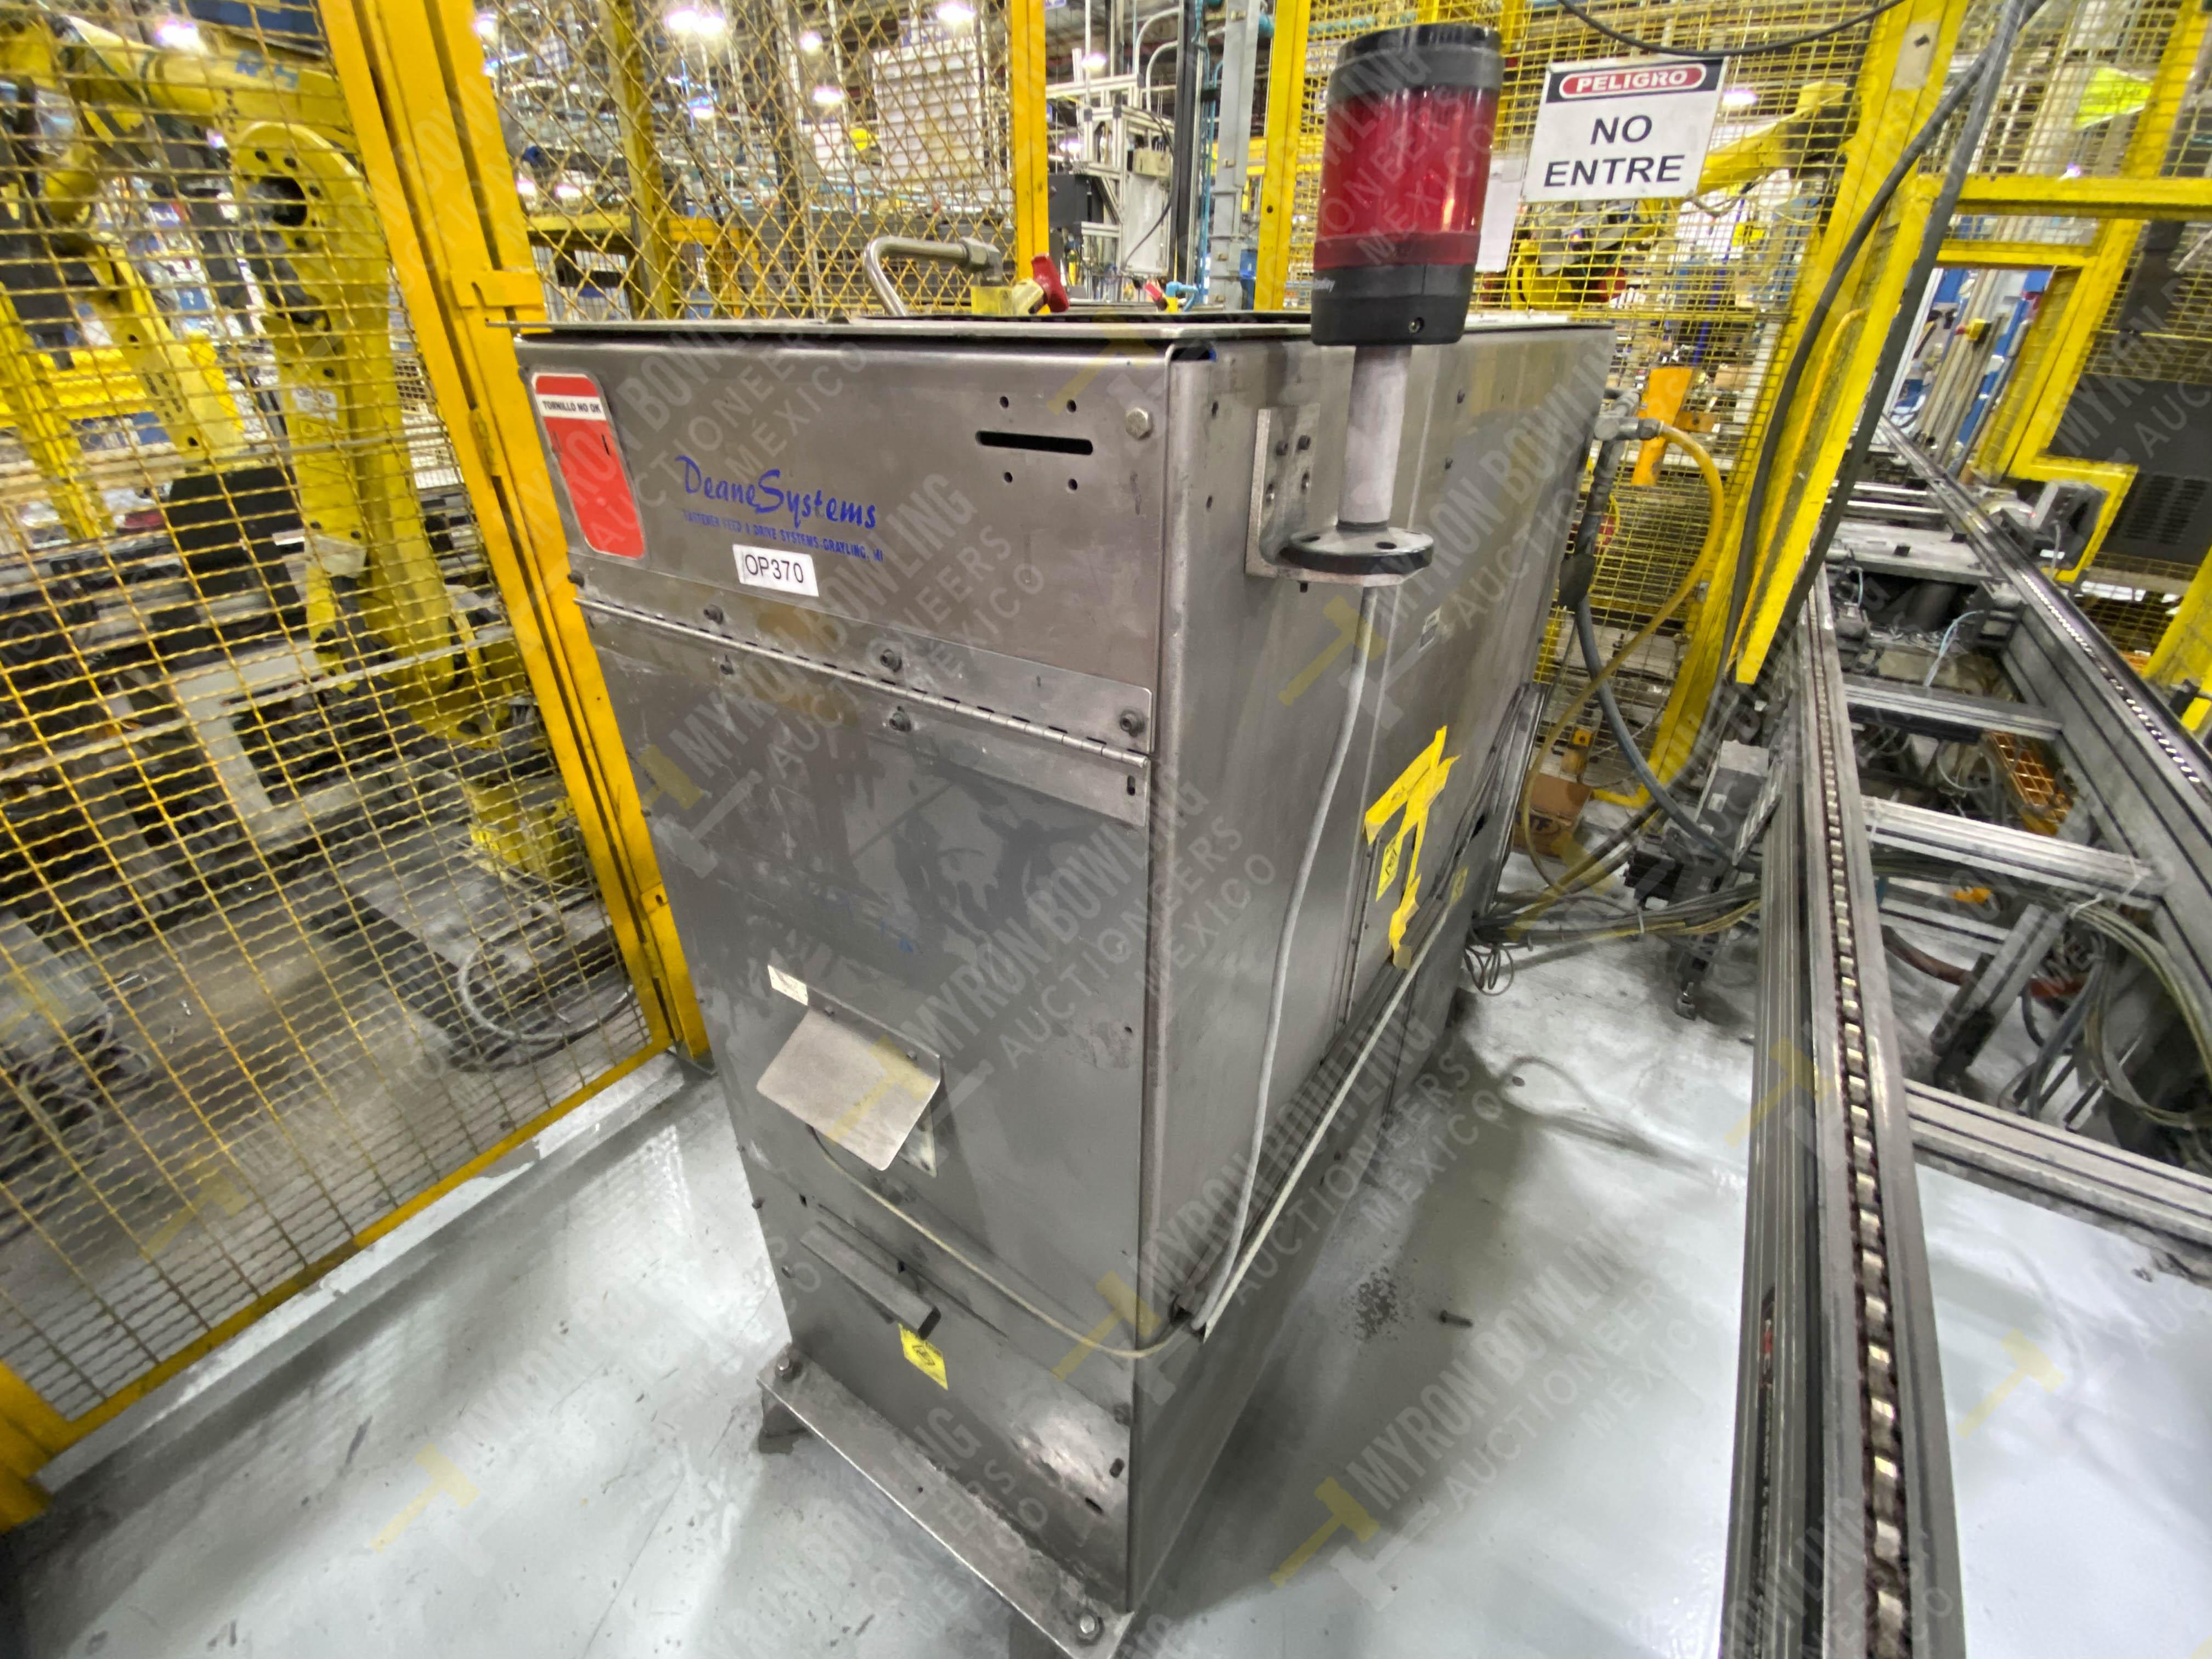 Robot con capacidad de carga de 15-30 Kg, controlador de robot y teach pendant - Image 9 of 17